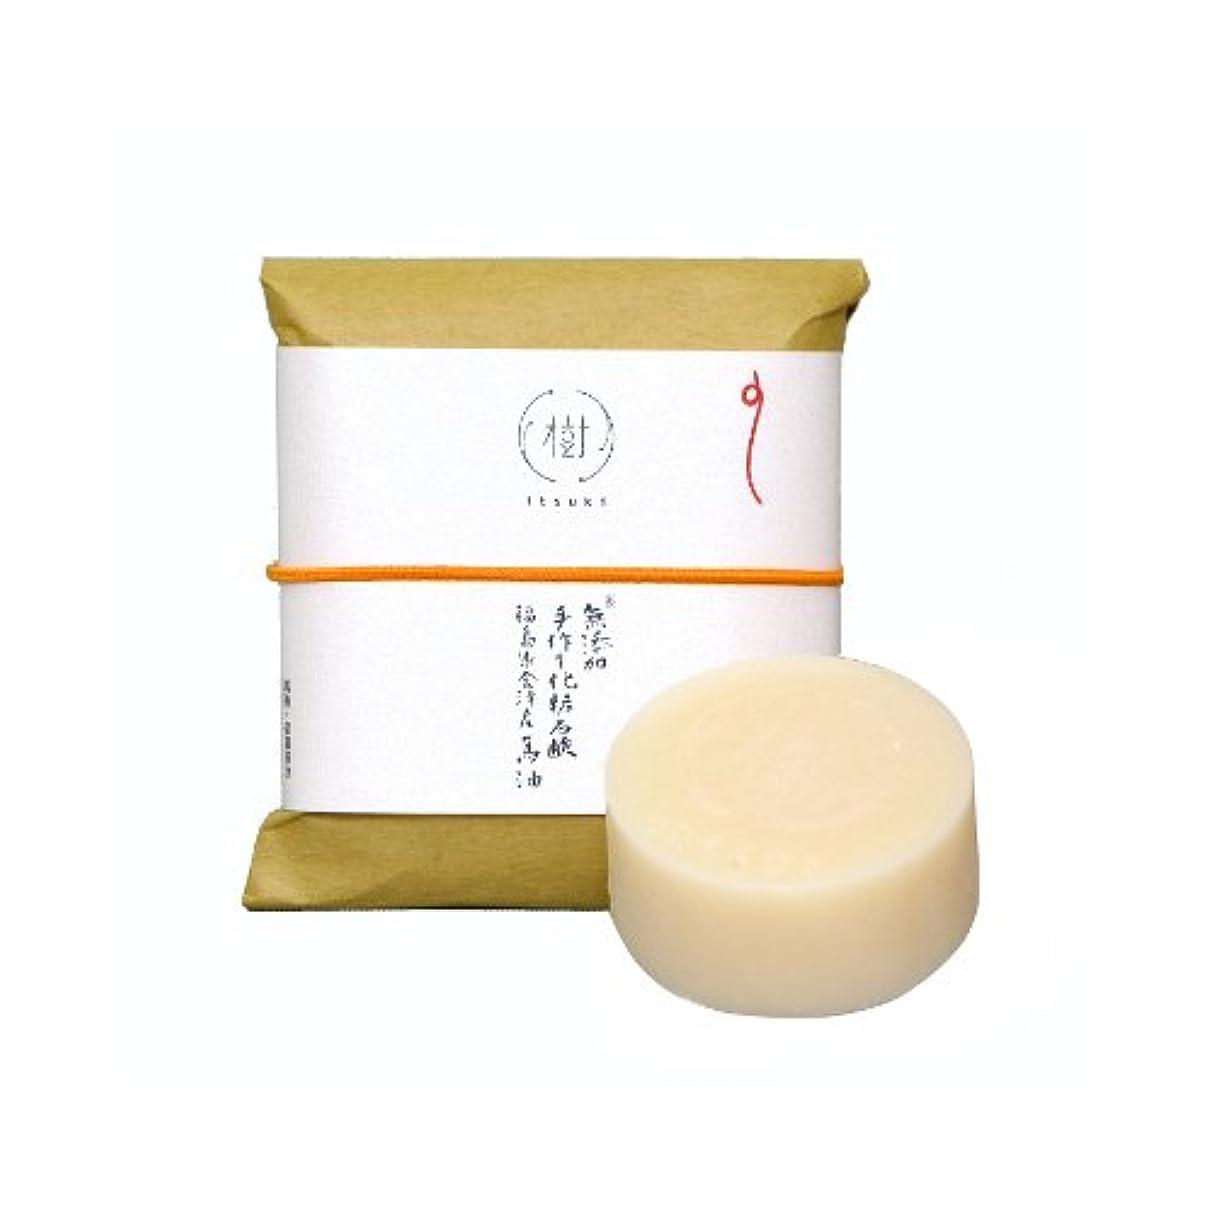 樹 無添加手作り化粧石鹸60g 福島県会津産 馬油